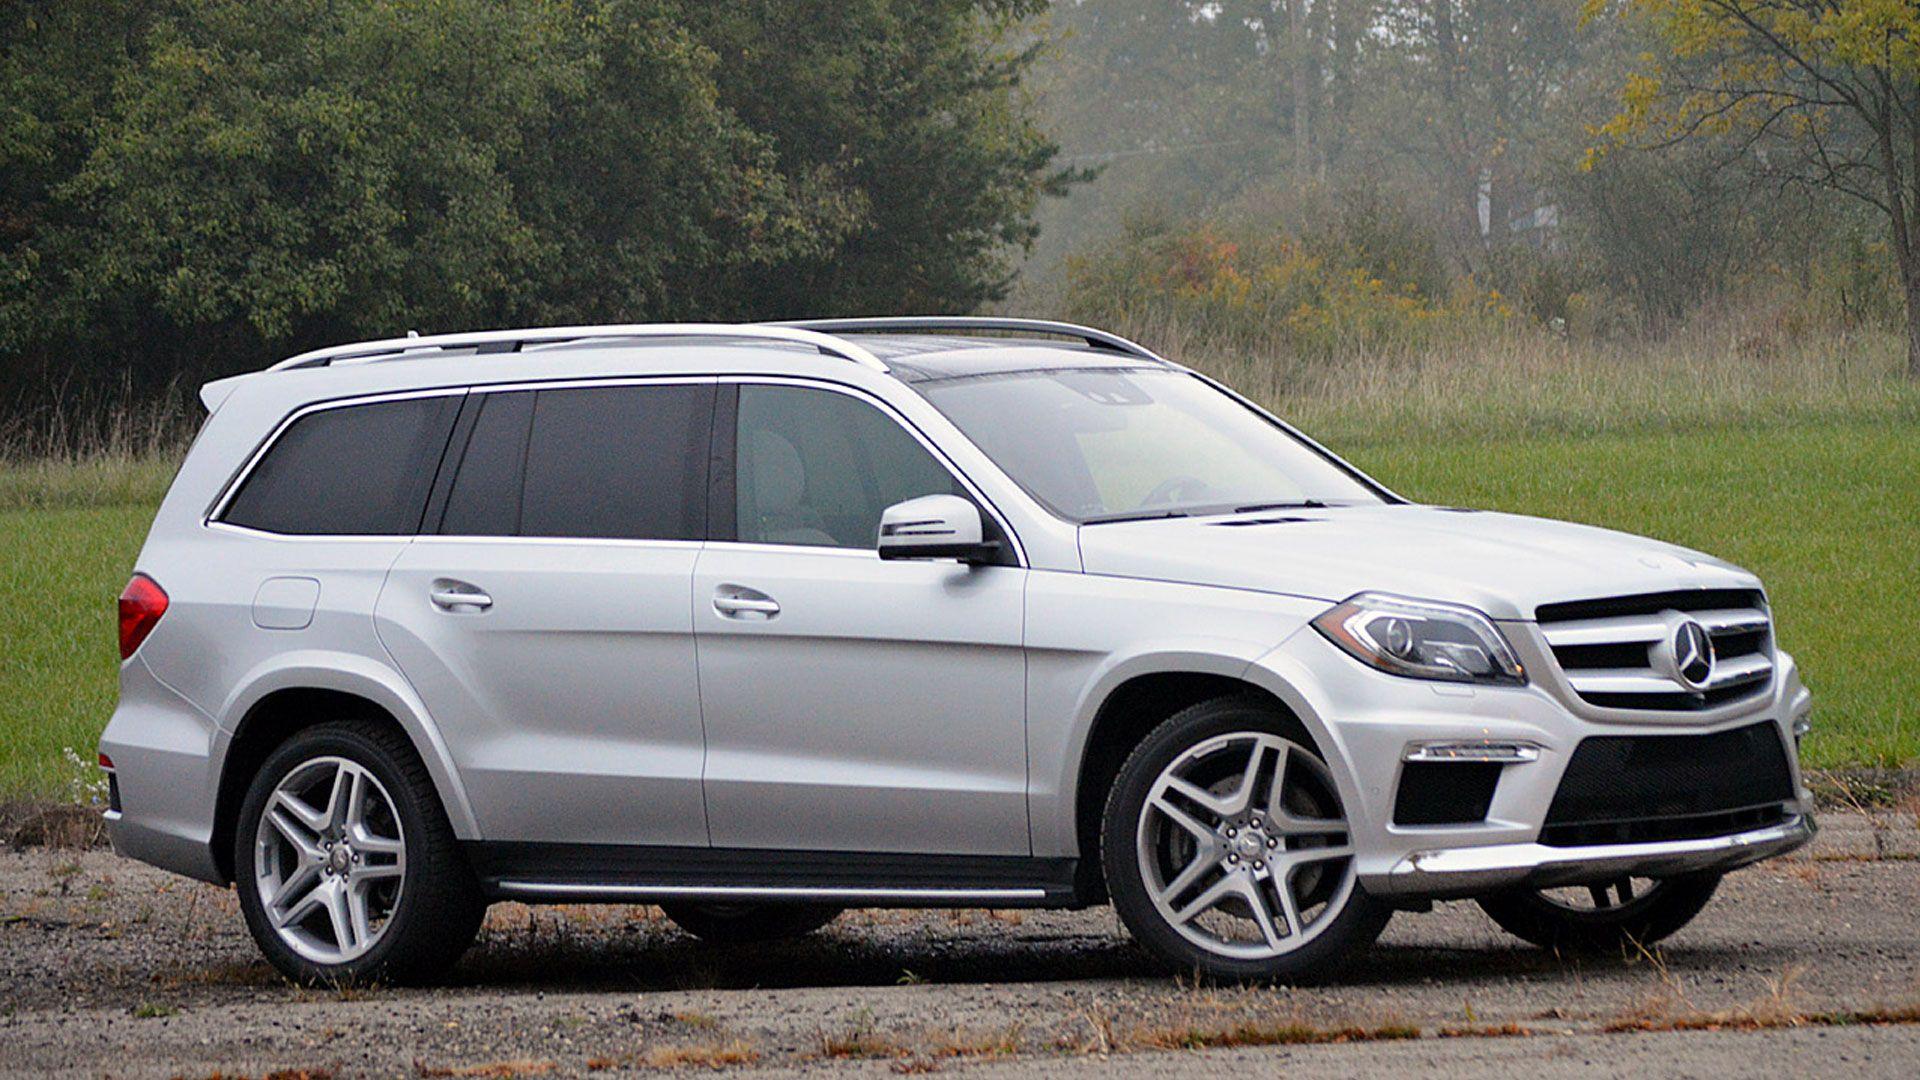 Mercedes benz gl550 hd wallpaper